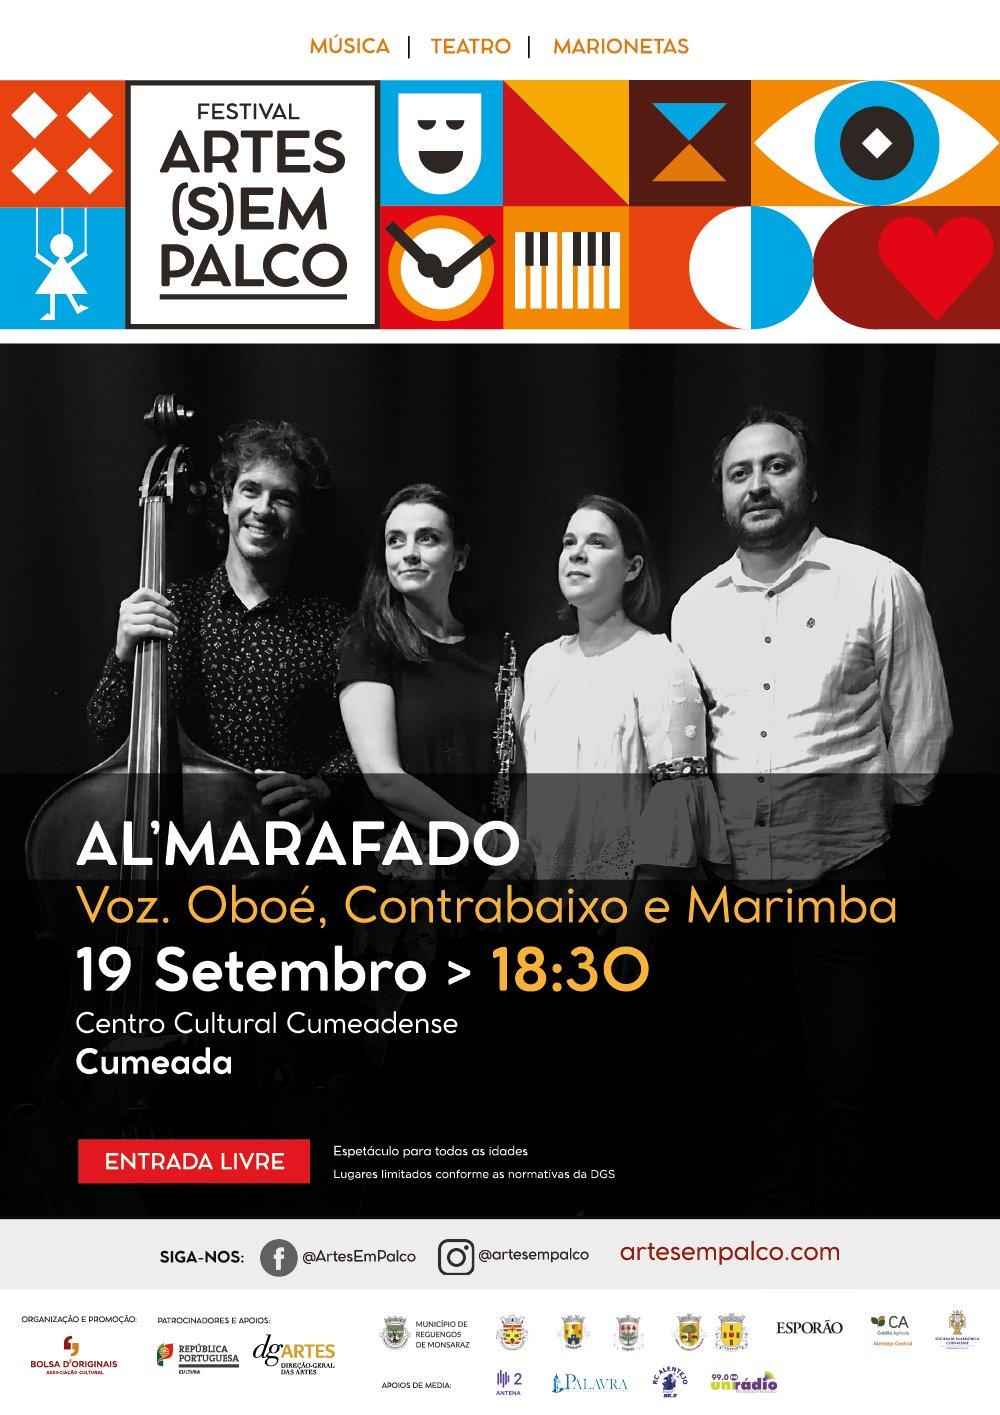 Festival Arte(s)em Palco: Al'Marafado